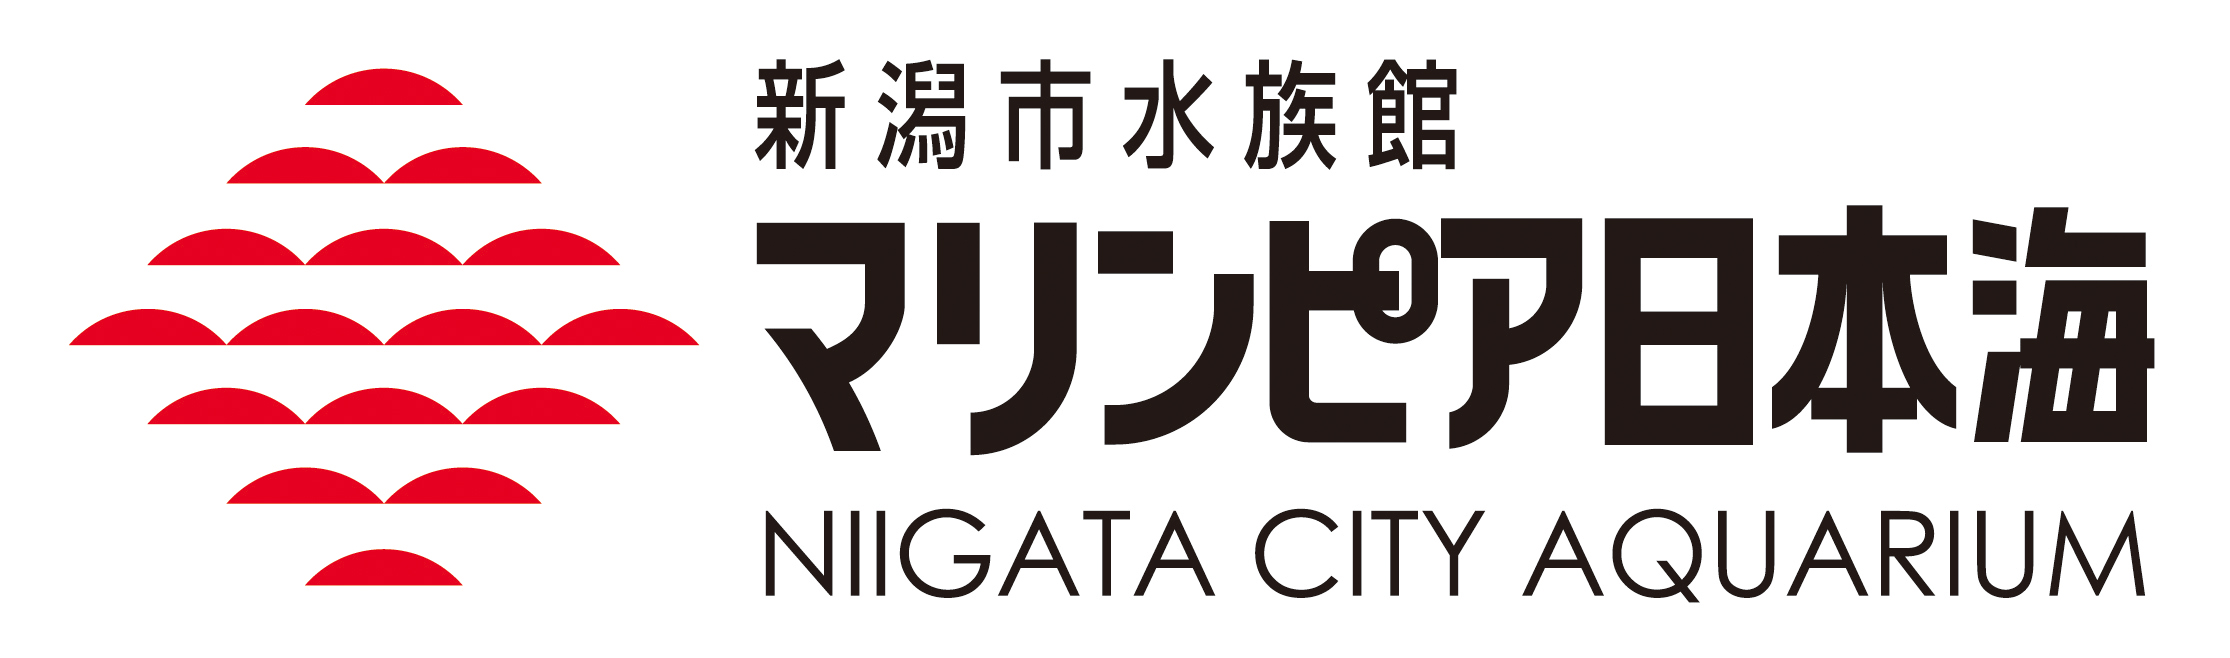 マリンピア日本海ロゴ